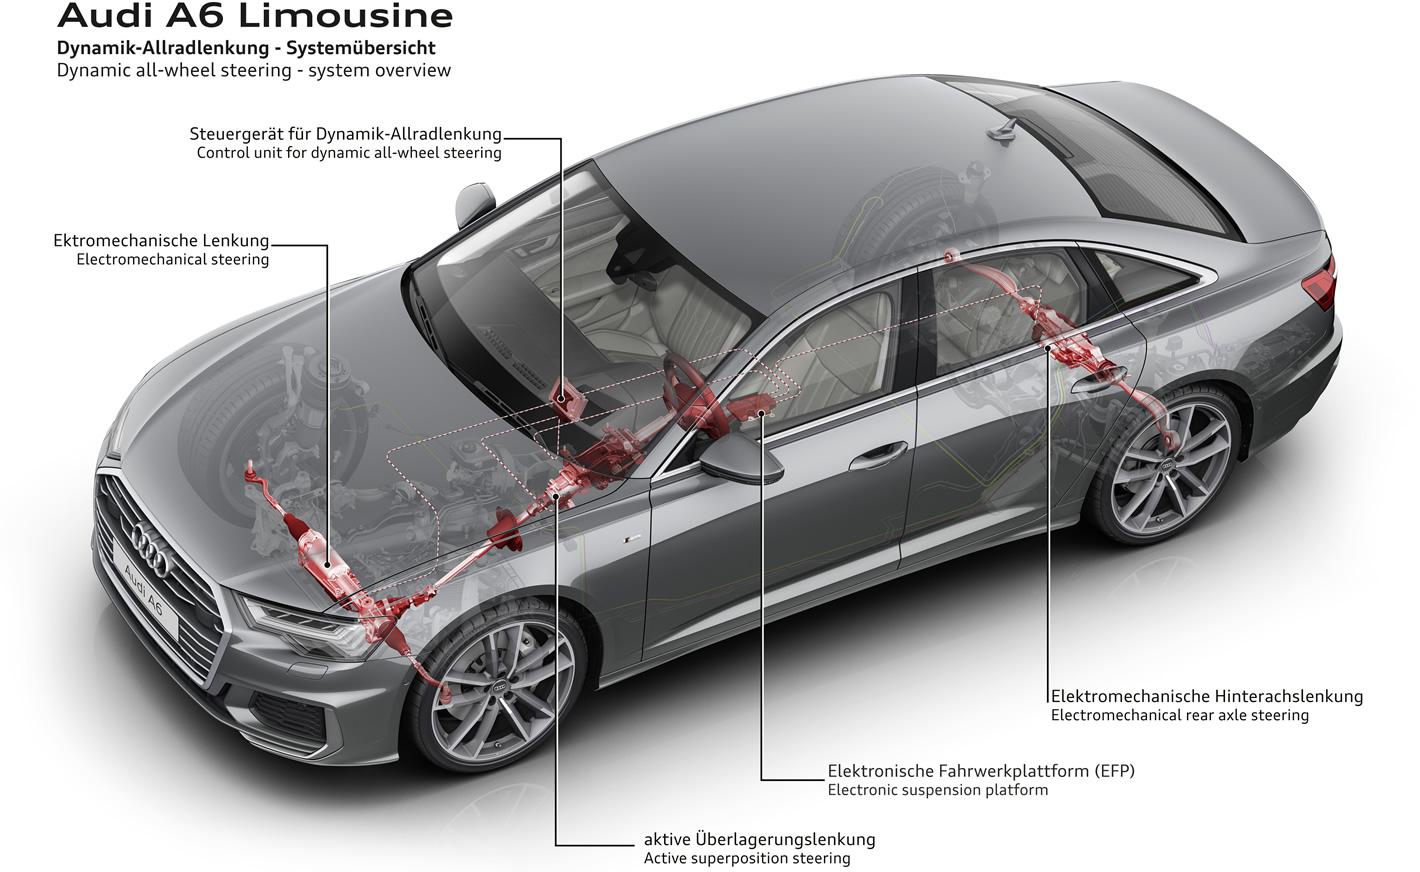 Audi A6 - dynamiczny układ kierowniczy wszystkich kół z tylną osią skrętną